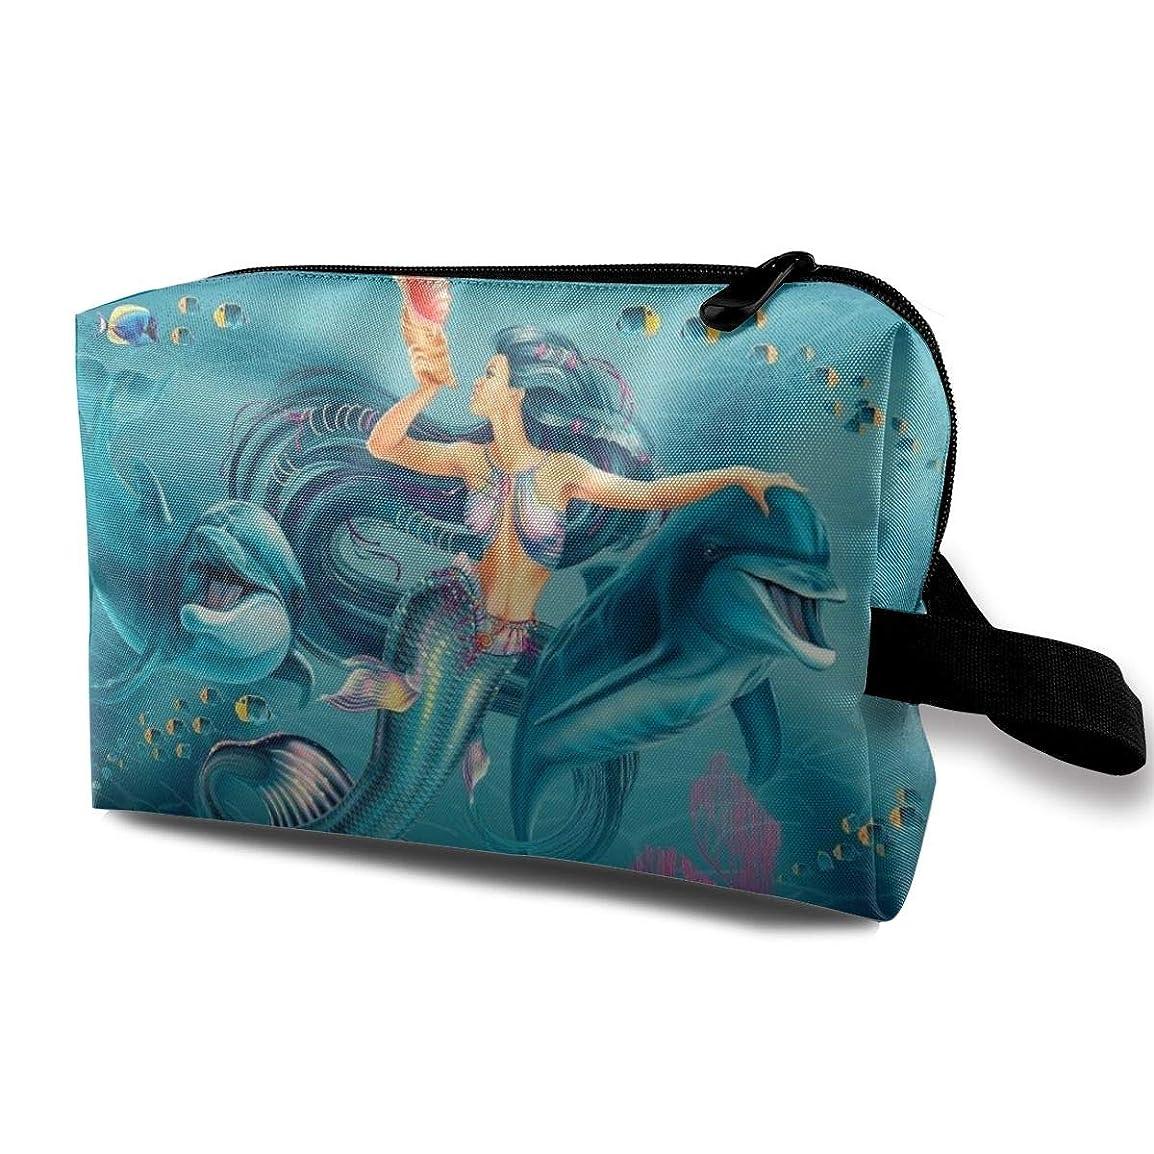 緩やかな調子伝染病Cool Mermaid Queen And Fish In The Blue Sea 収納ポーチ 化粧ポーチ 大容量 軽量 耐久性 ハンドル付持ち運び便利。入れ 自宅?出張?旅行?アウトドア撮影などに対応。メンズ レディース トラベルグッズ